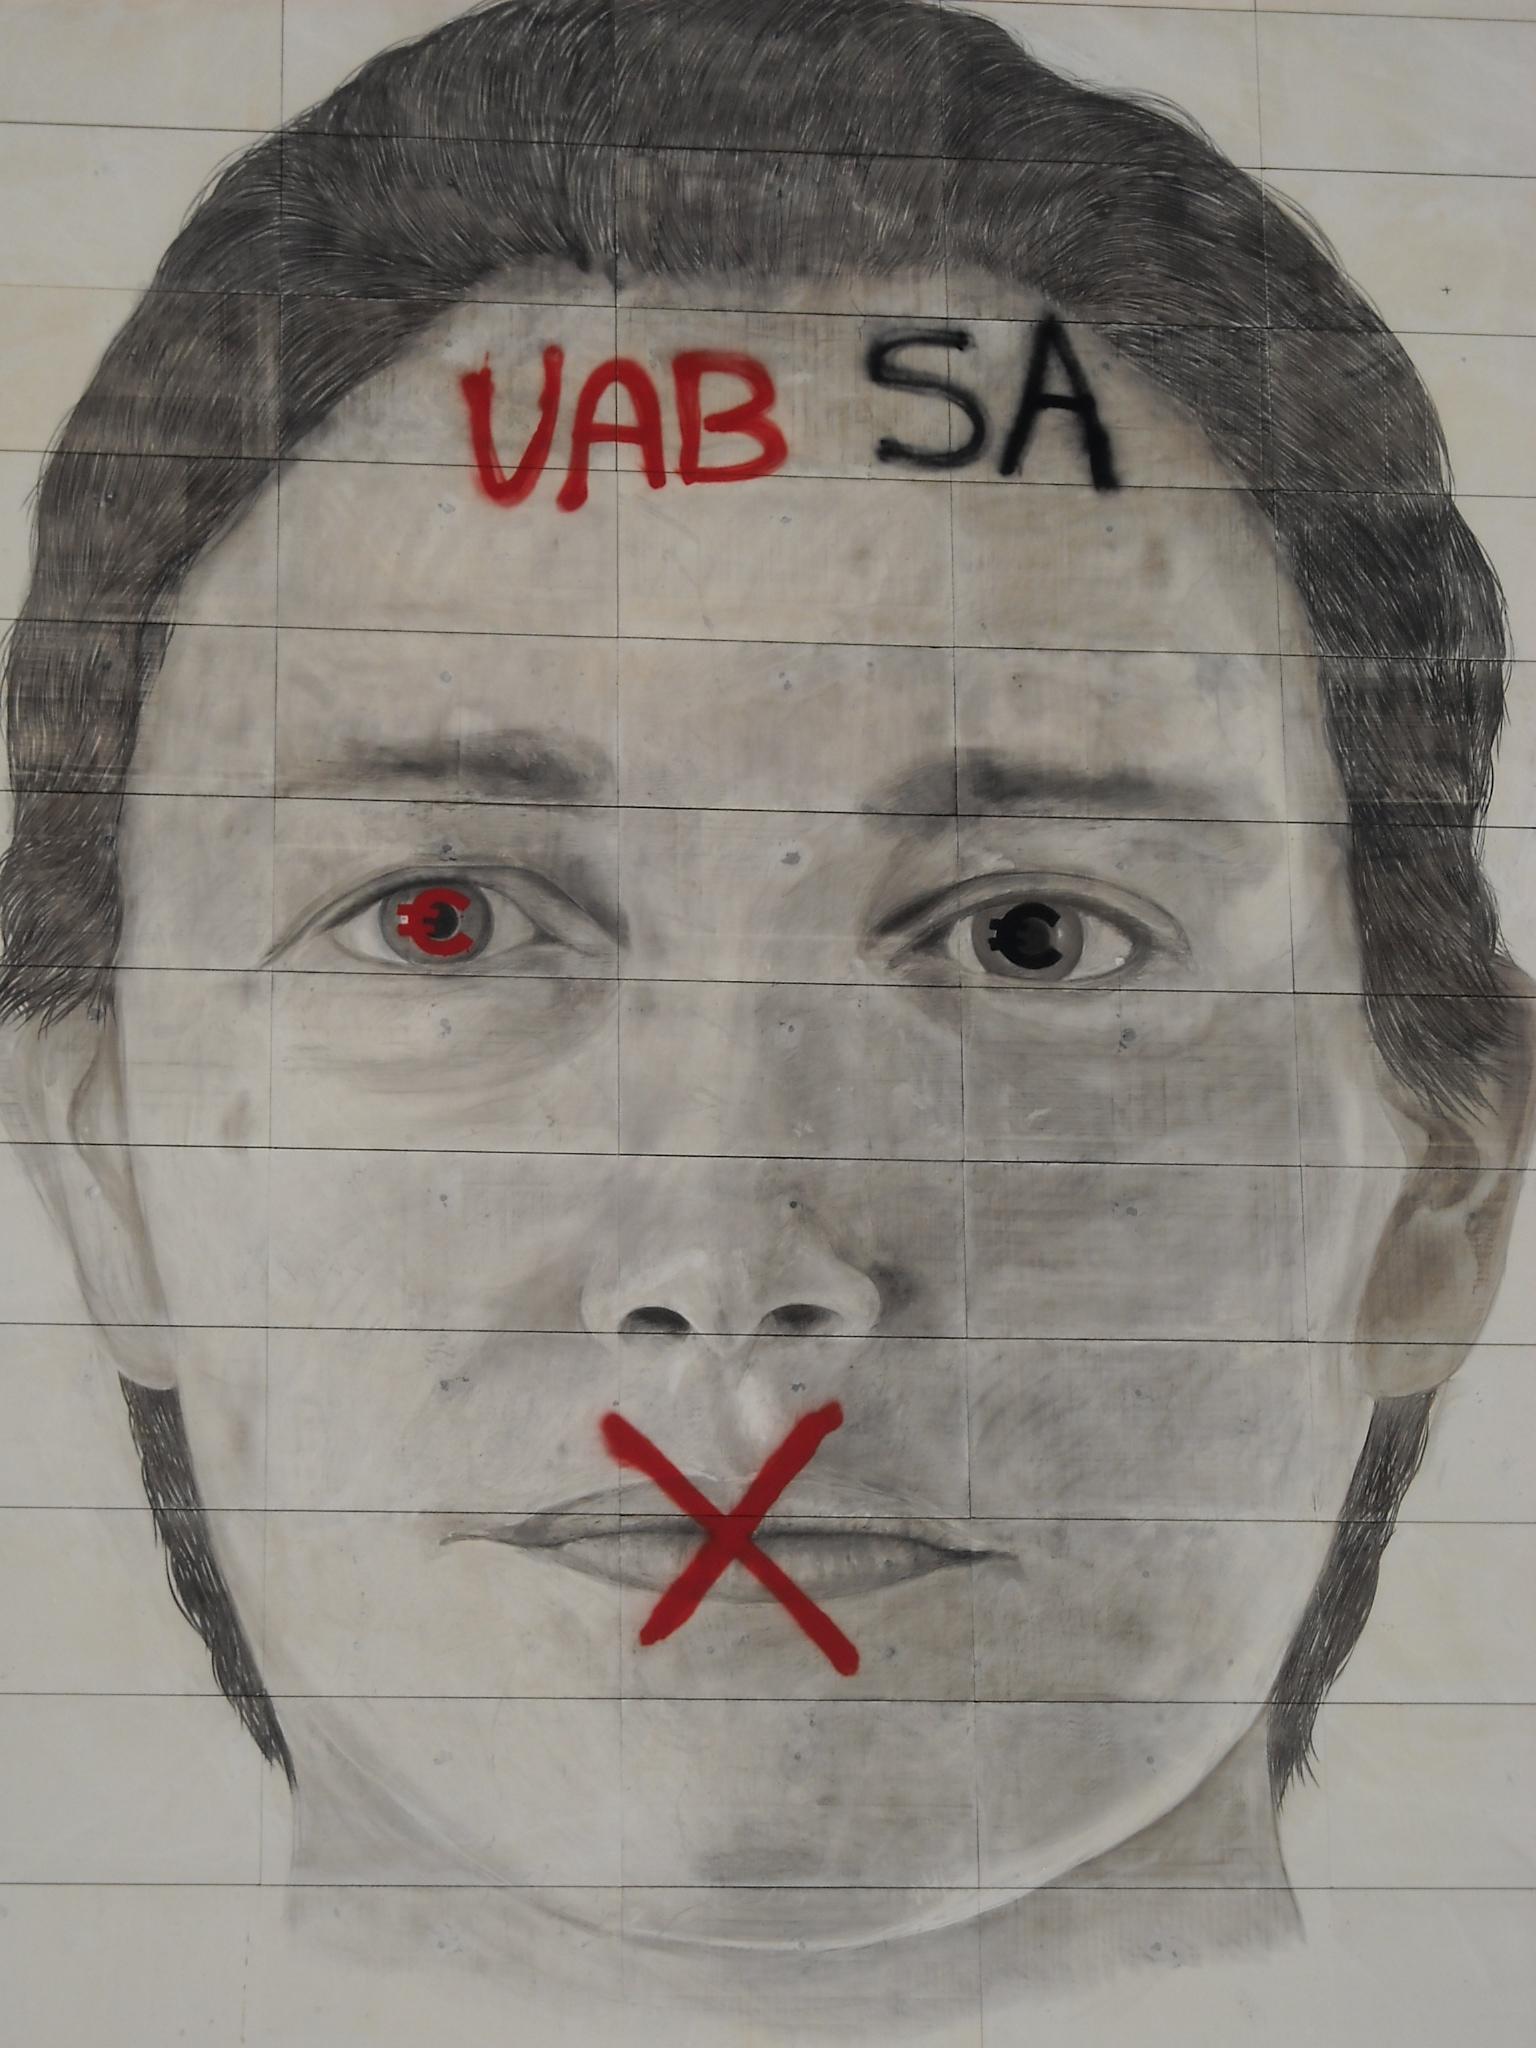 La verdadera cara de la UAB...repressiva i neoliberal!